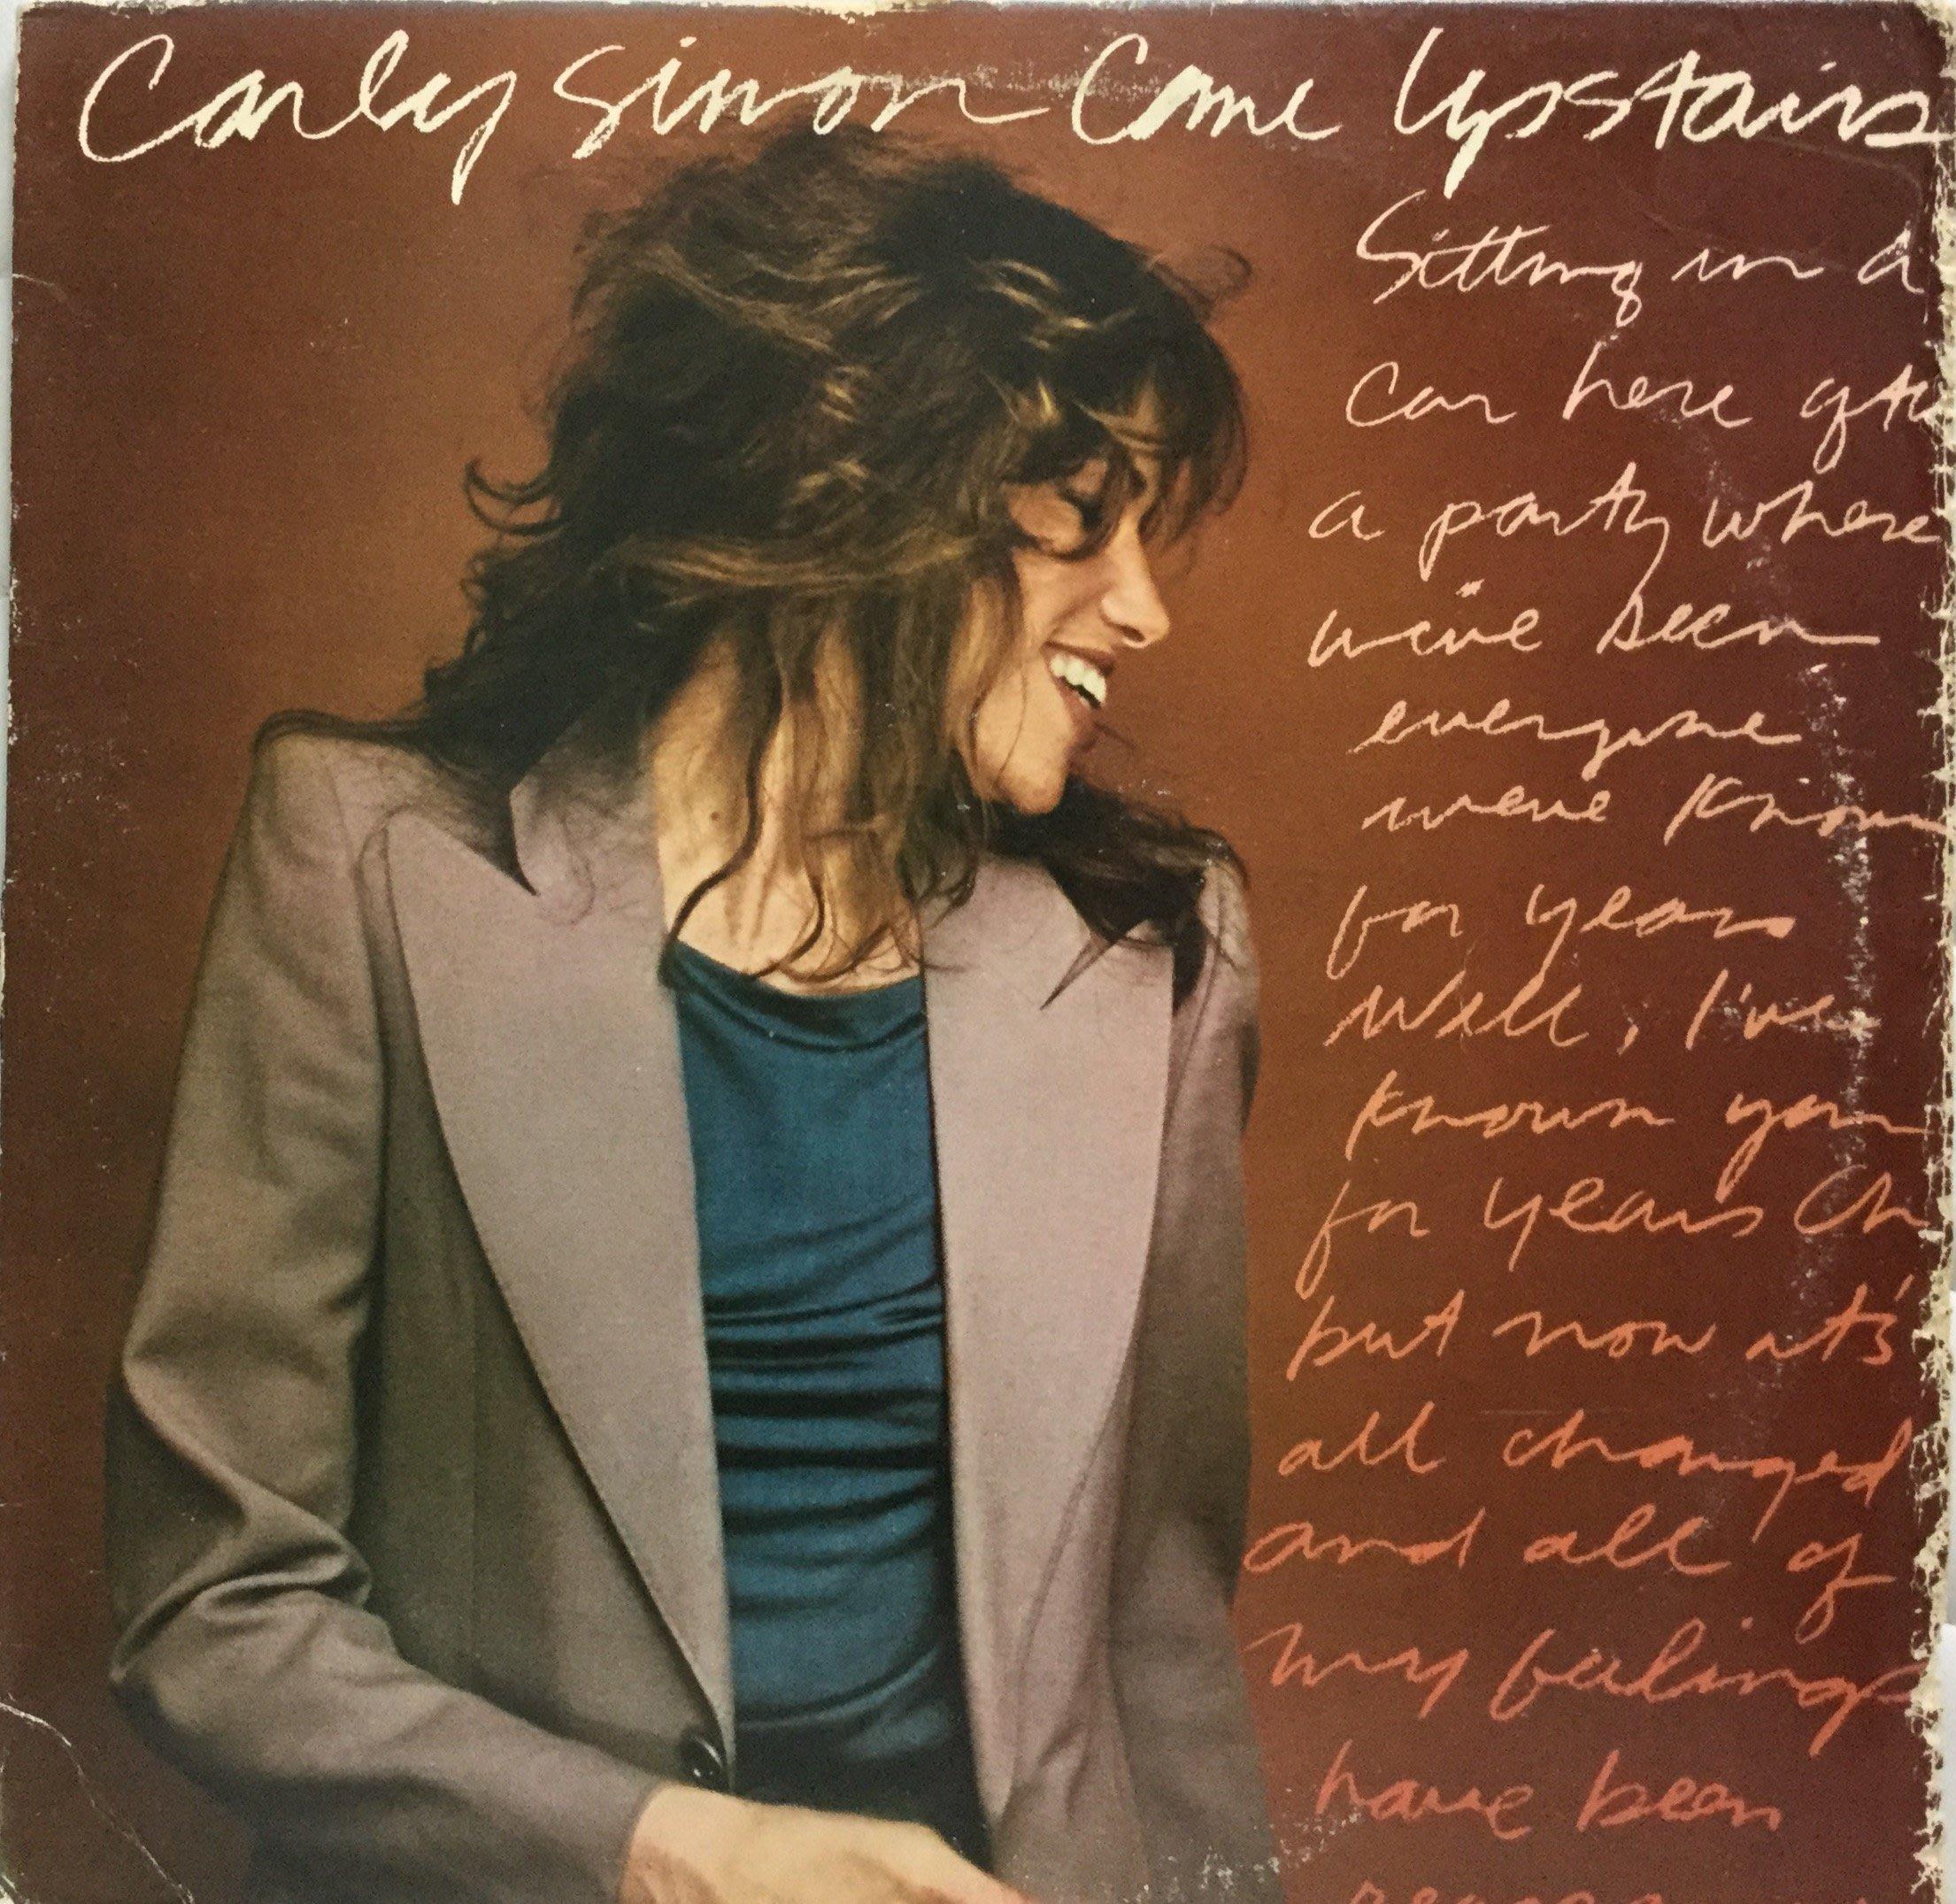 {夏荷 美學生活小舖}西洋美版黑膠 卡利西蒙 Carly Simon-Come Upstairs 1980